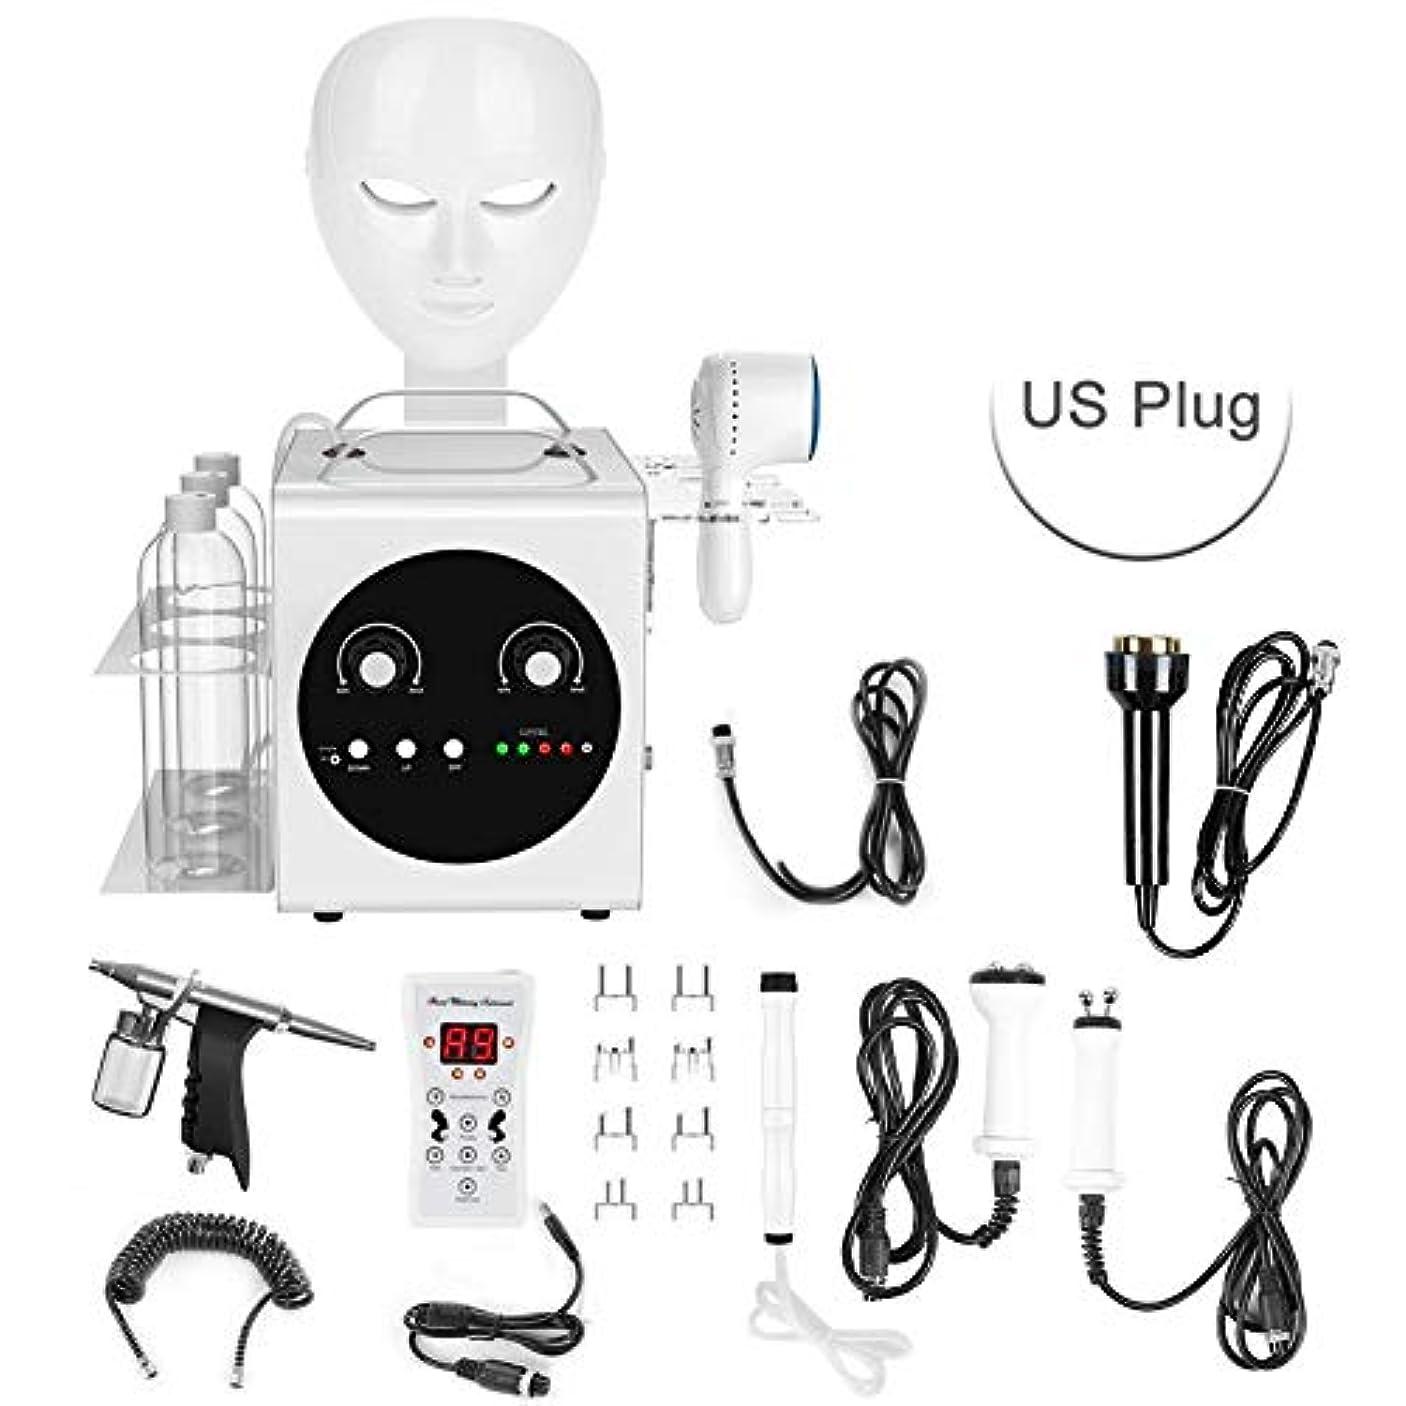 クスクス一貫した自動真空無線周波数電流皮膚剥離美容機、フェイシャルディープクレンジング保湿用7-IN-1小型バブルプローブ(US Plug)